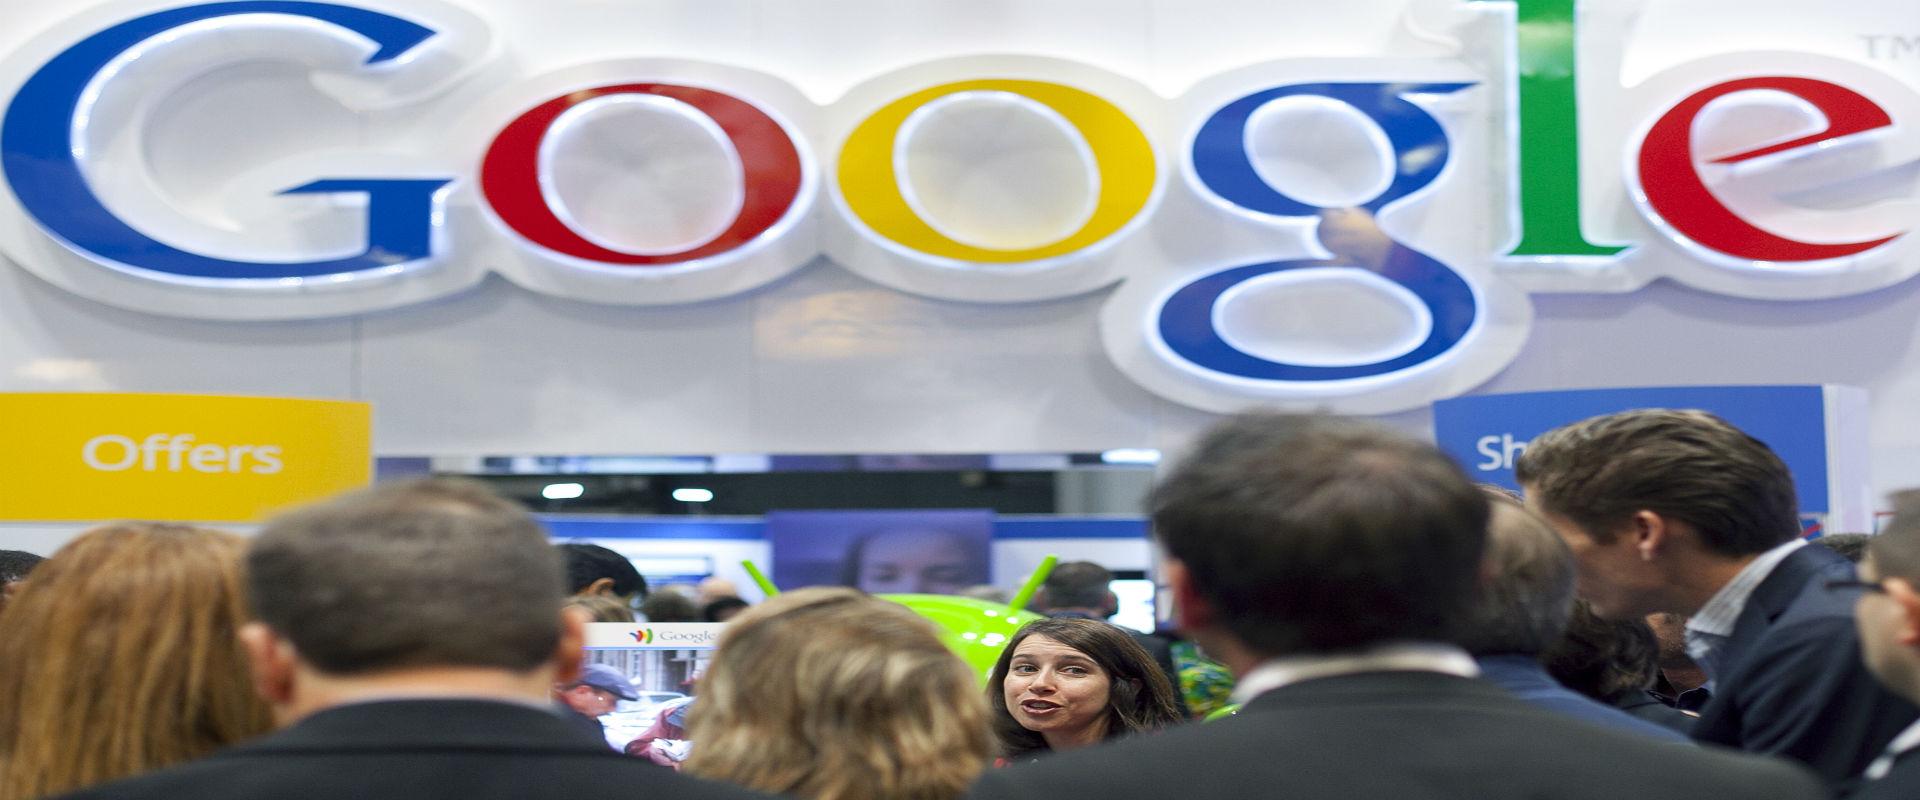 משתתפים בכנס בניו יורק על רקע לוגו גוגל, ינואר 201